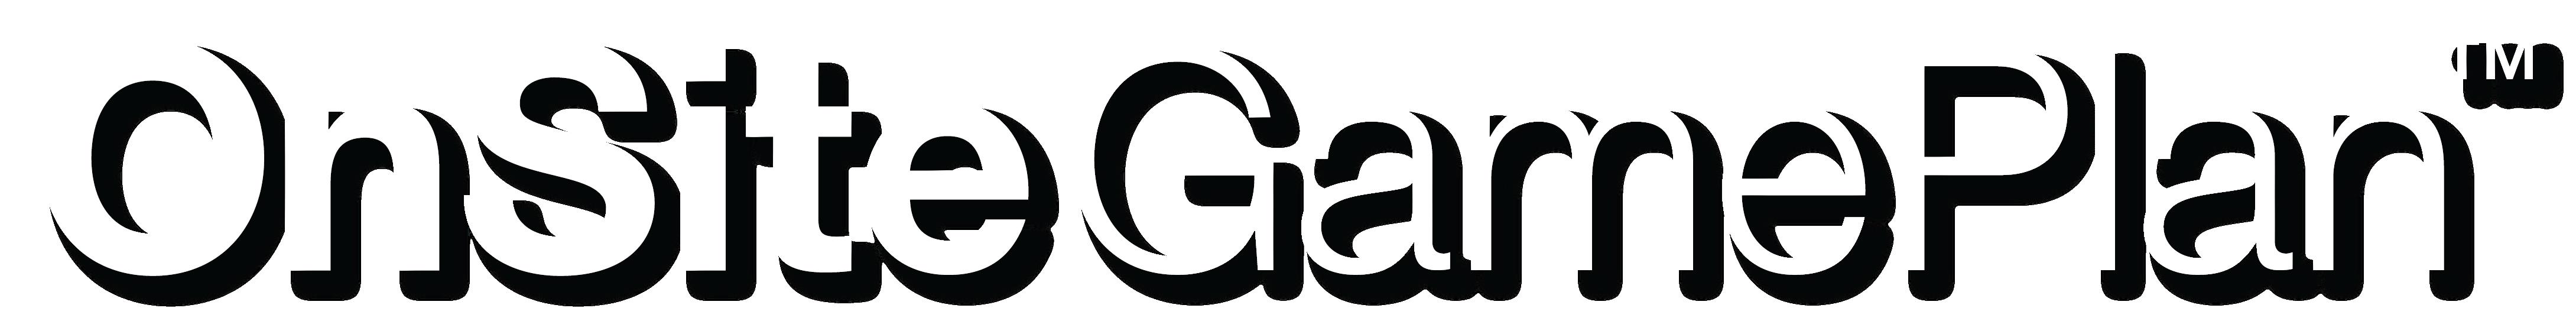 Gameplanlogotype2-01.png